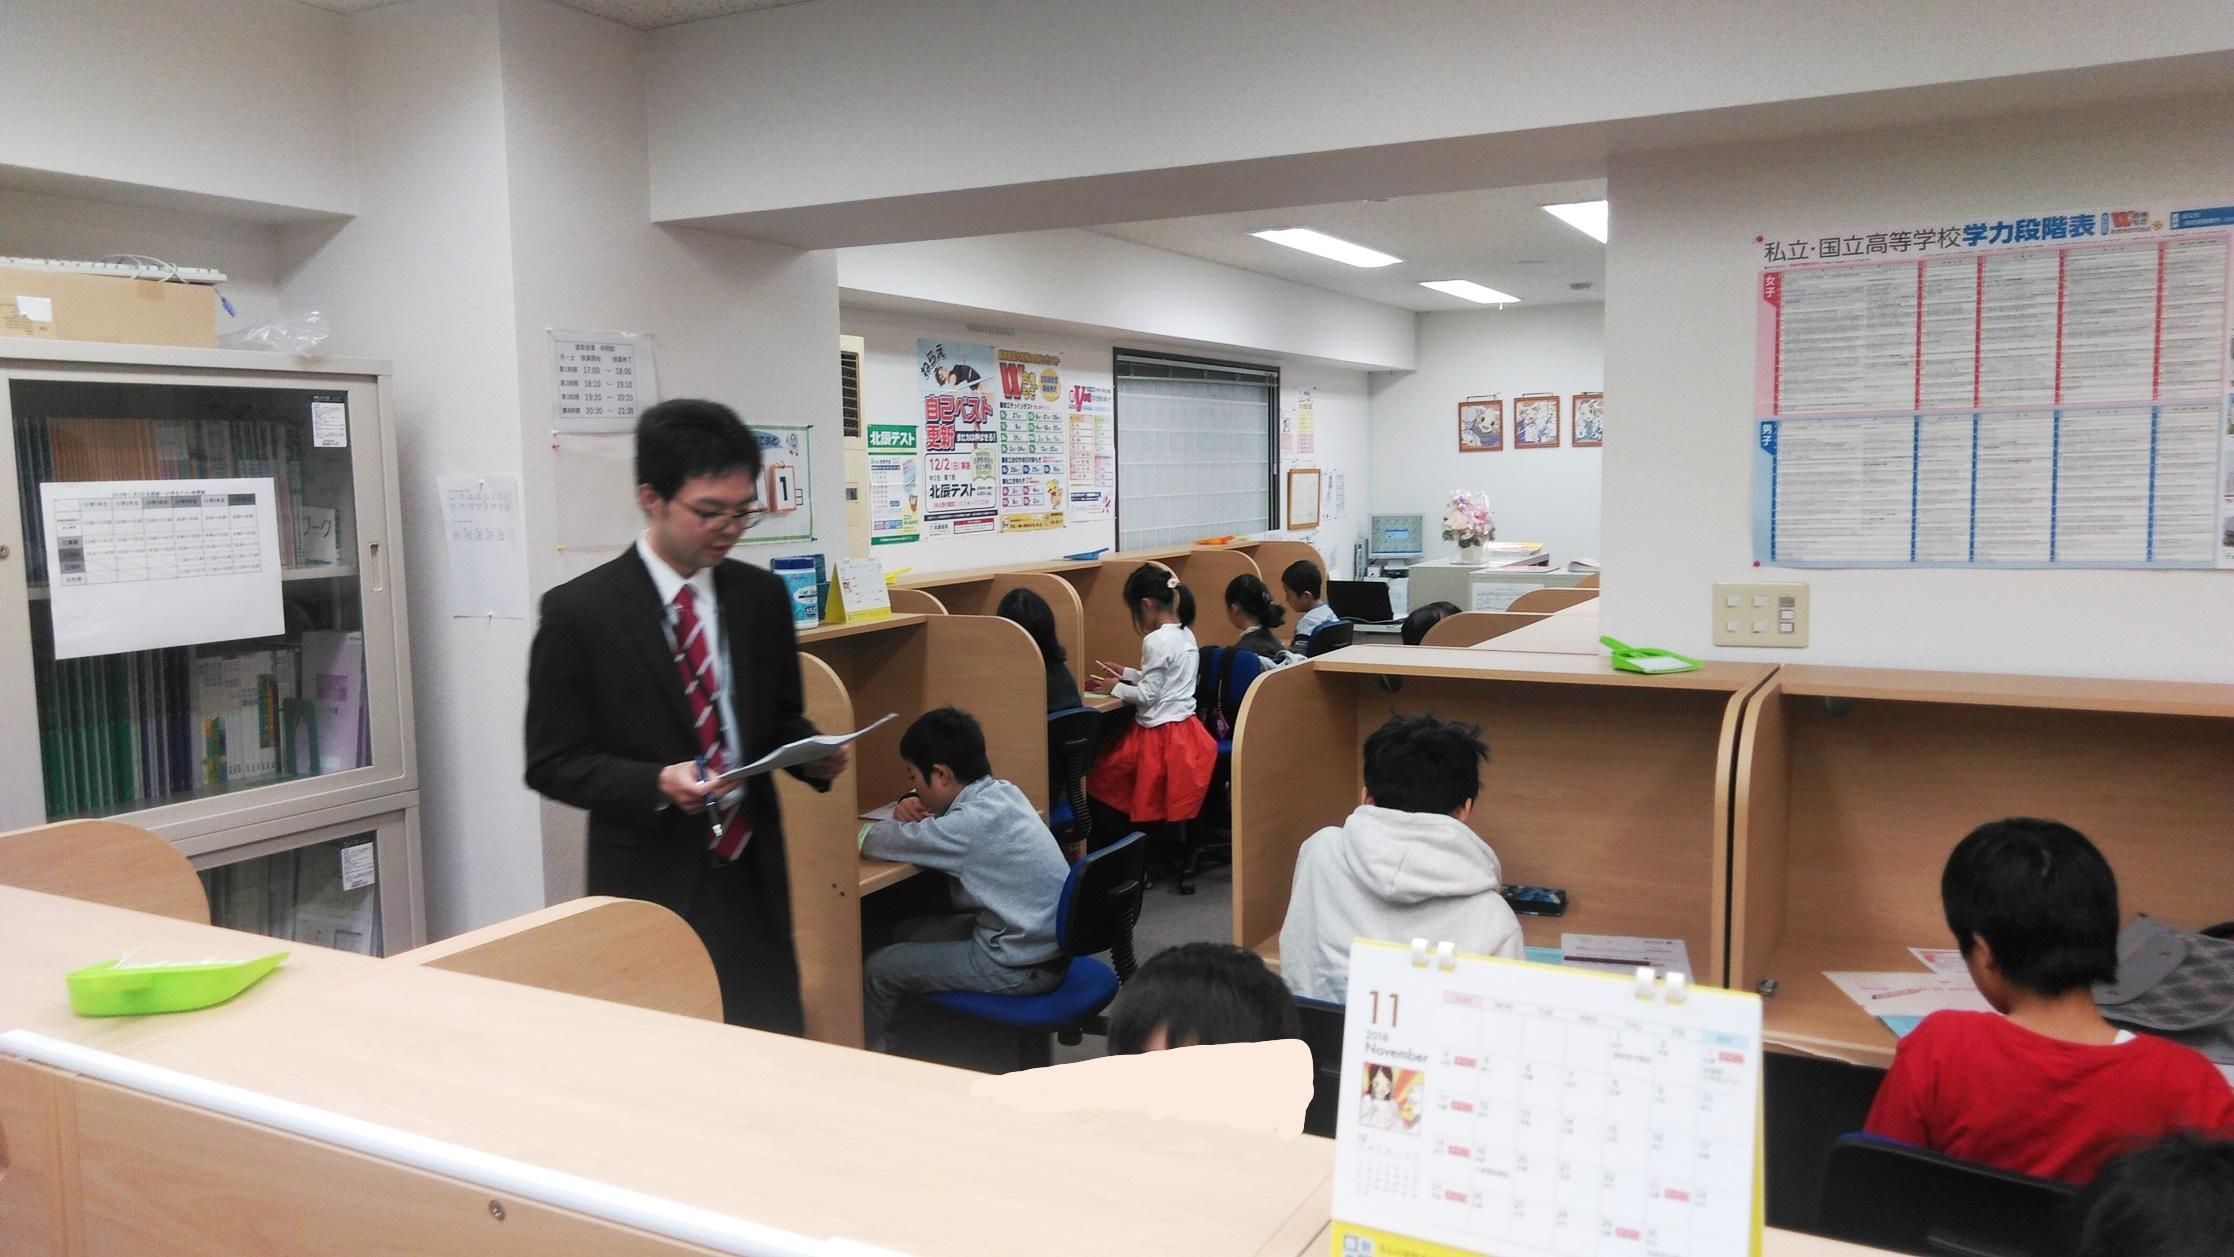 ステップアカデミー 成増教室教室の様子